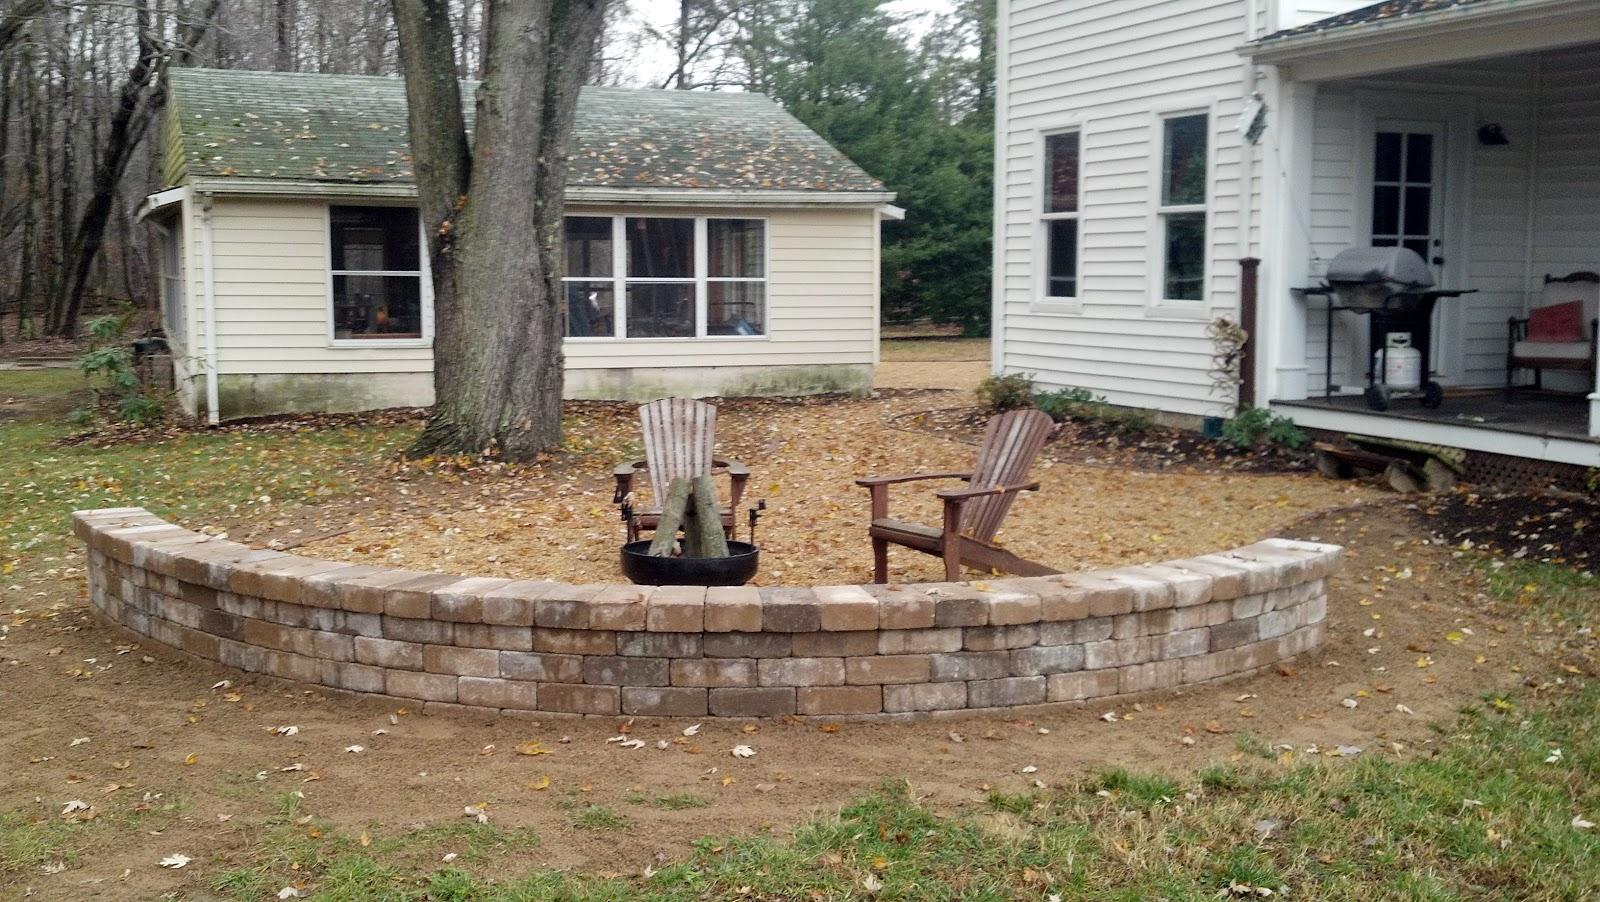 pea gravel patio walkways with brick